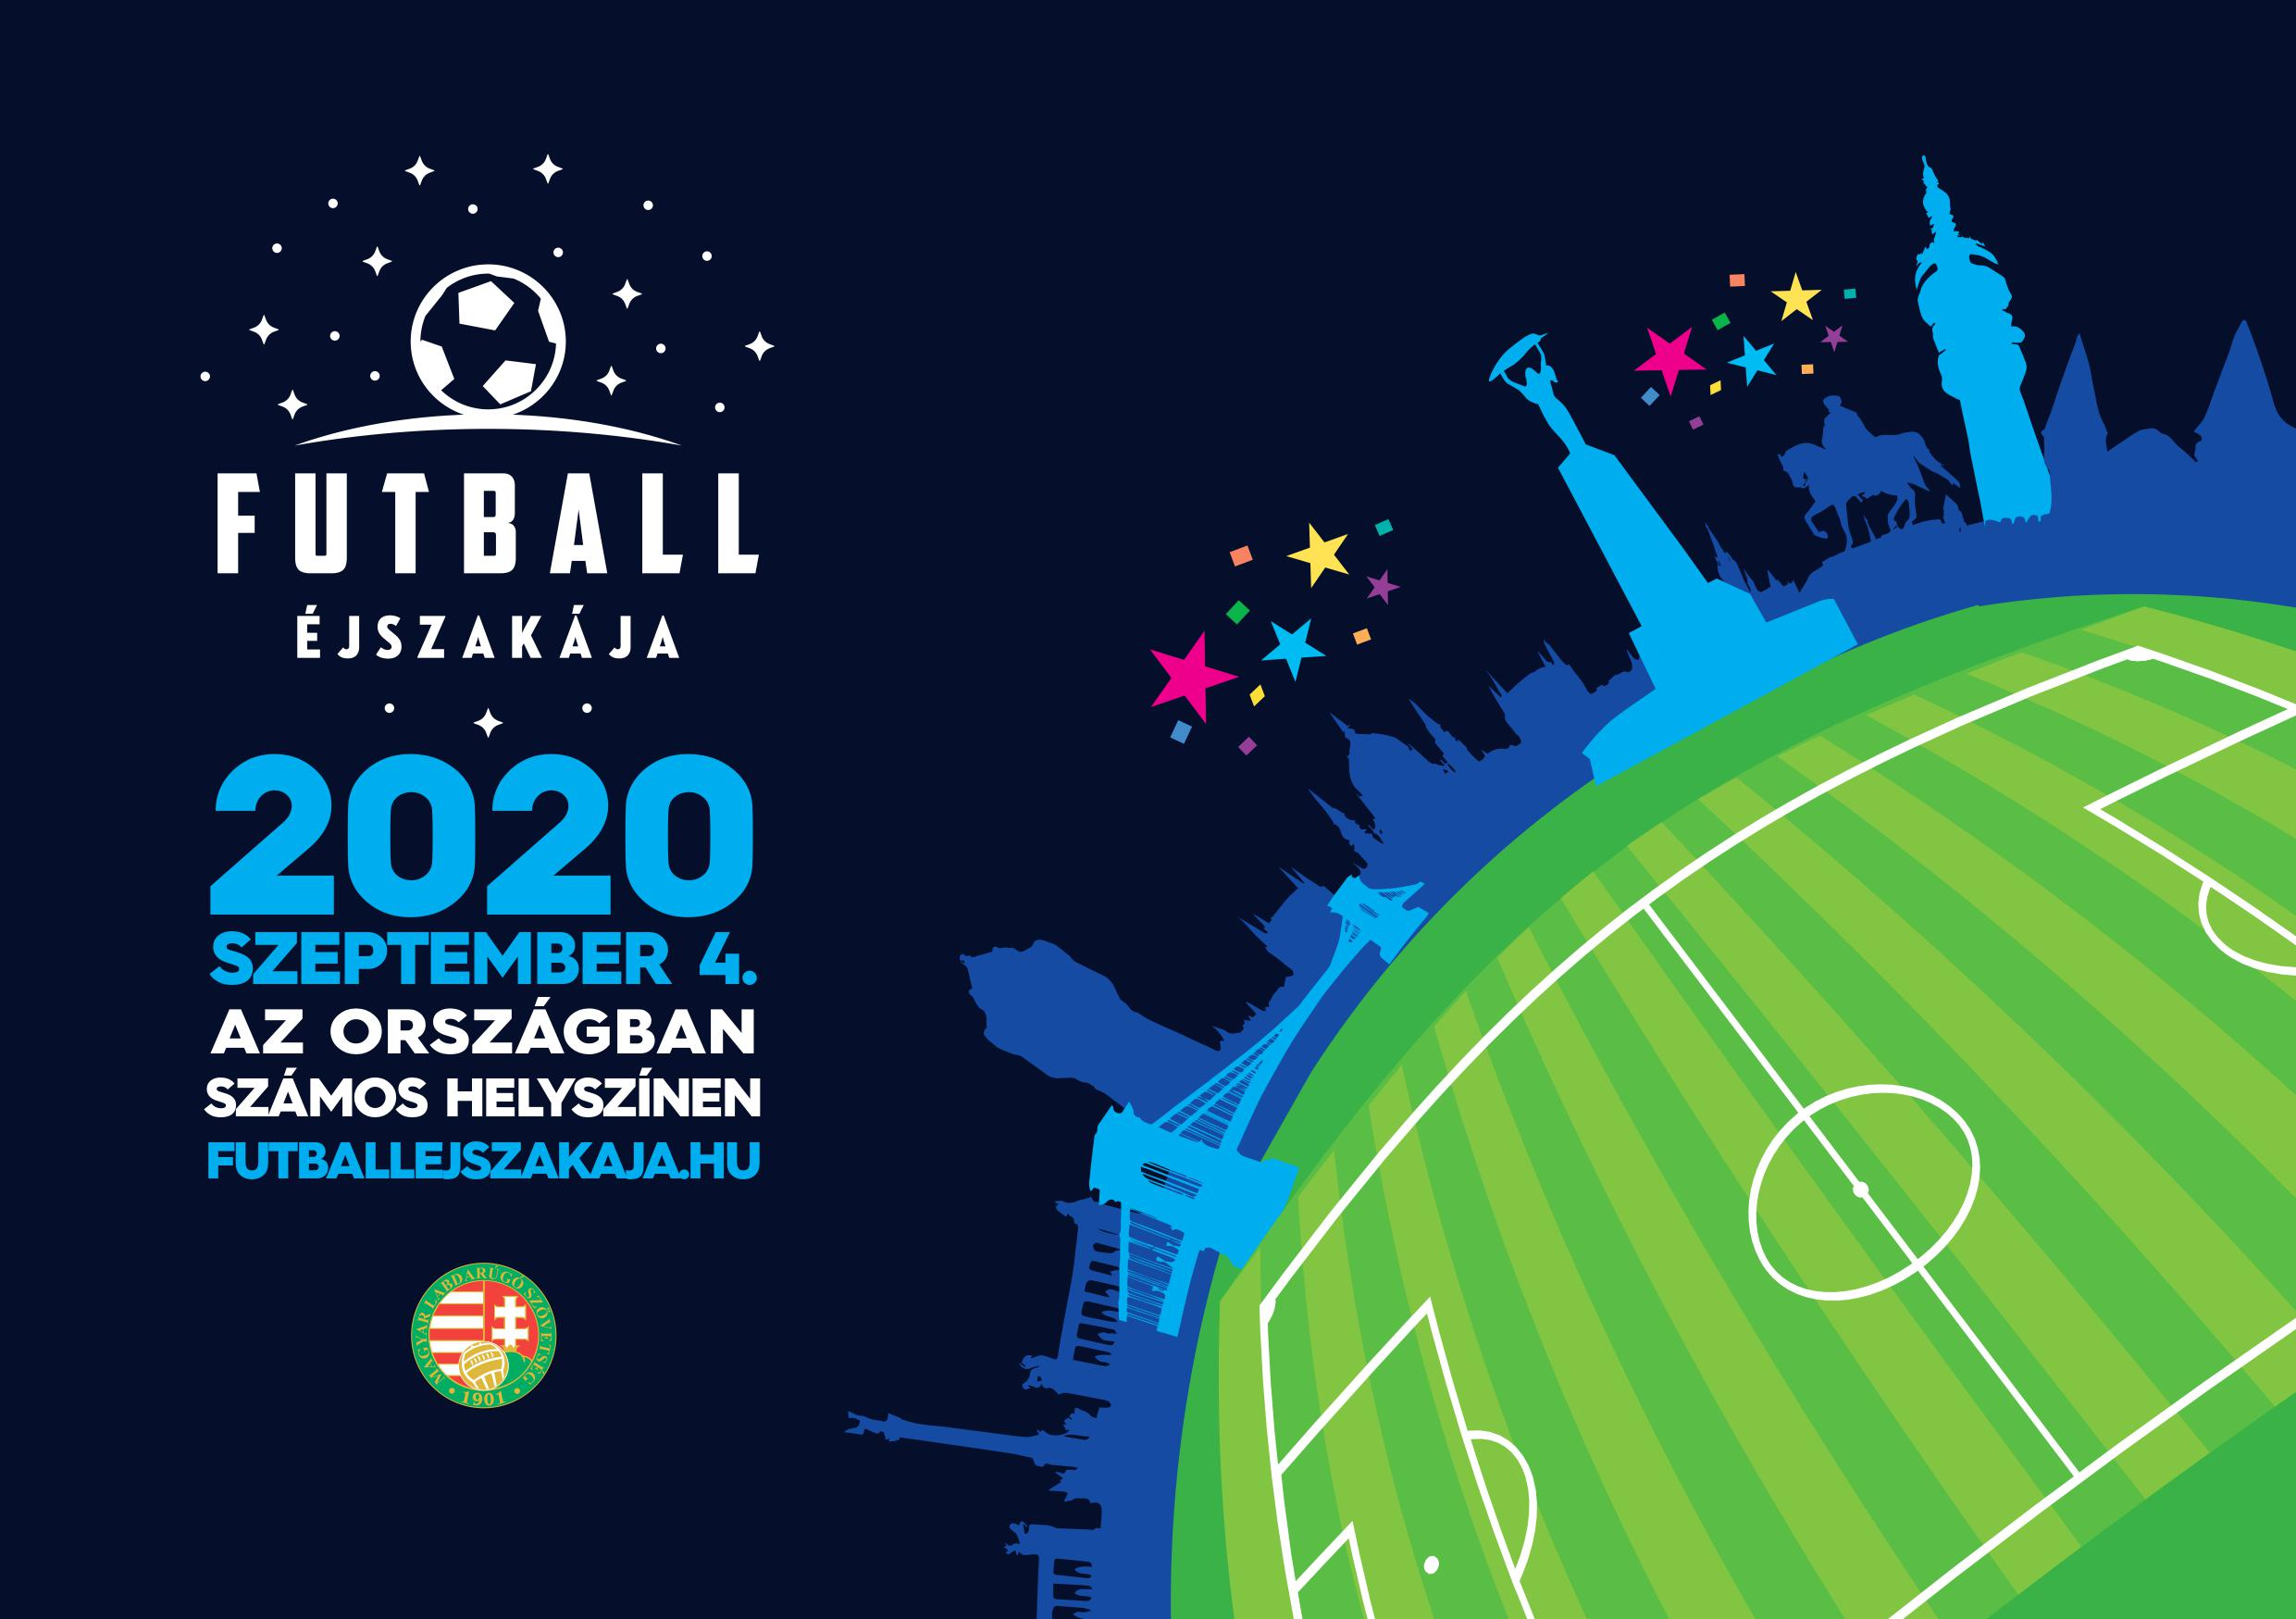 futball_ejszakaja_plakat_fekvo.jpg